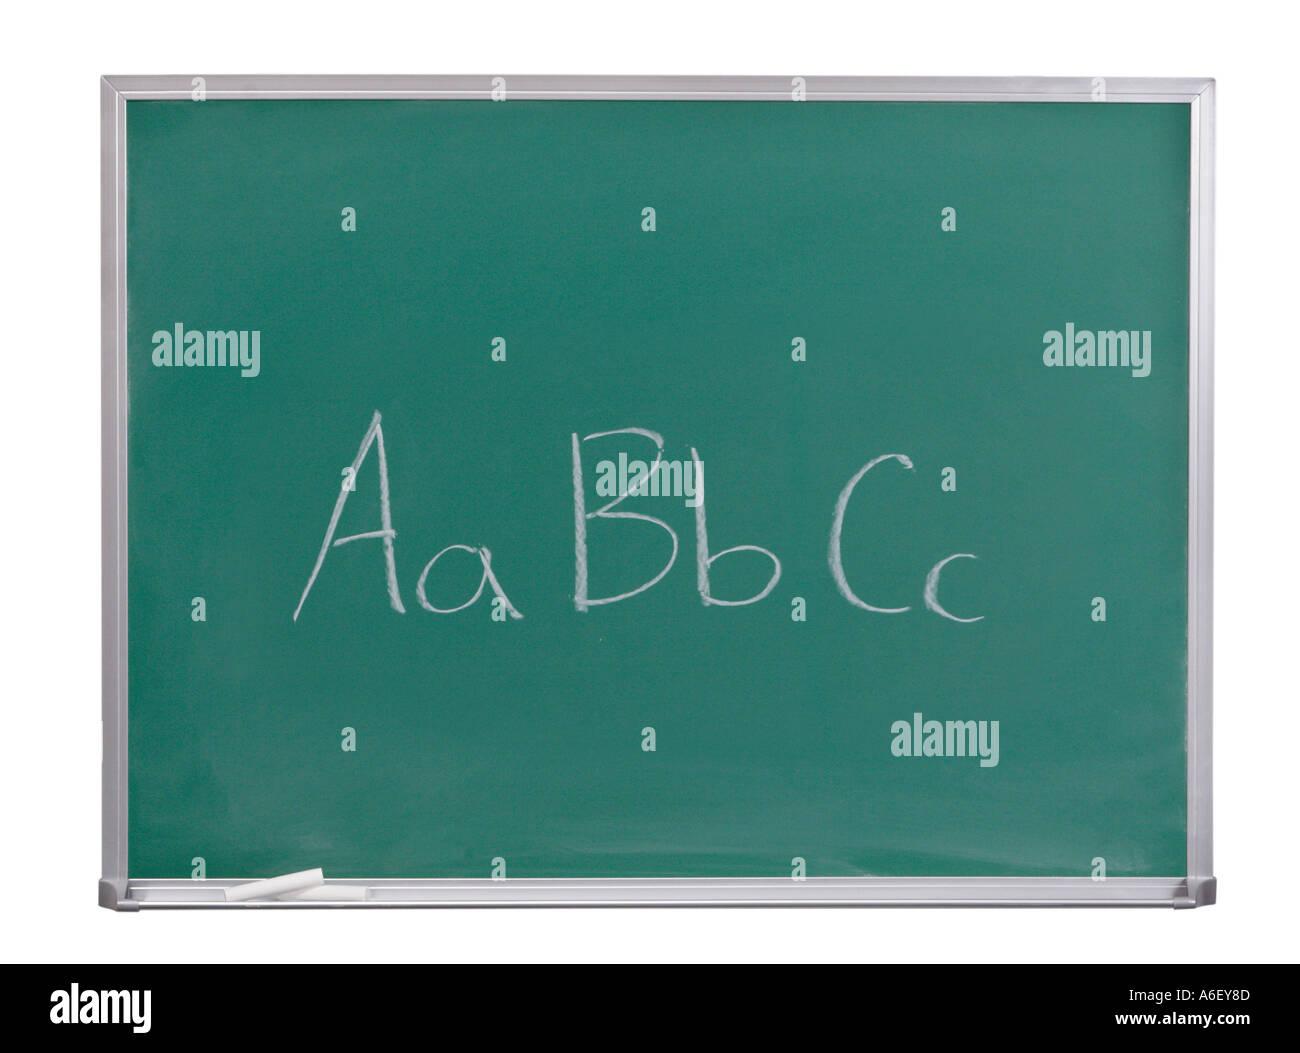 Aa Bb Cc written on chalkboard Stock Photo